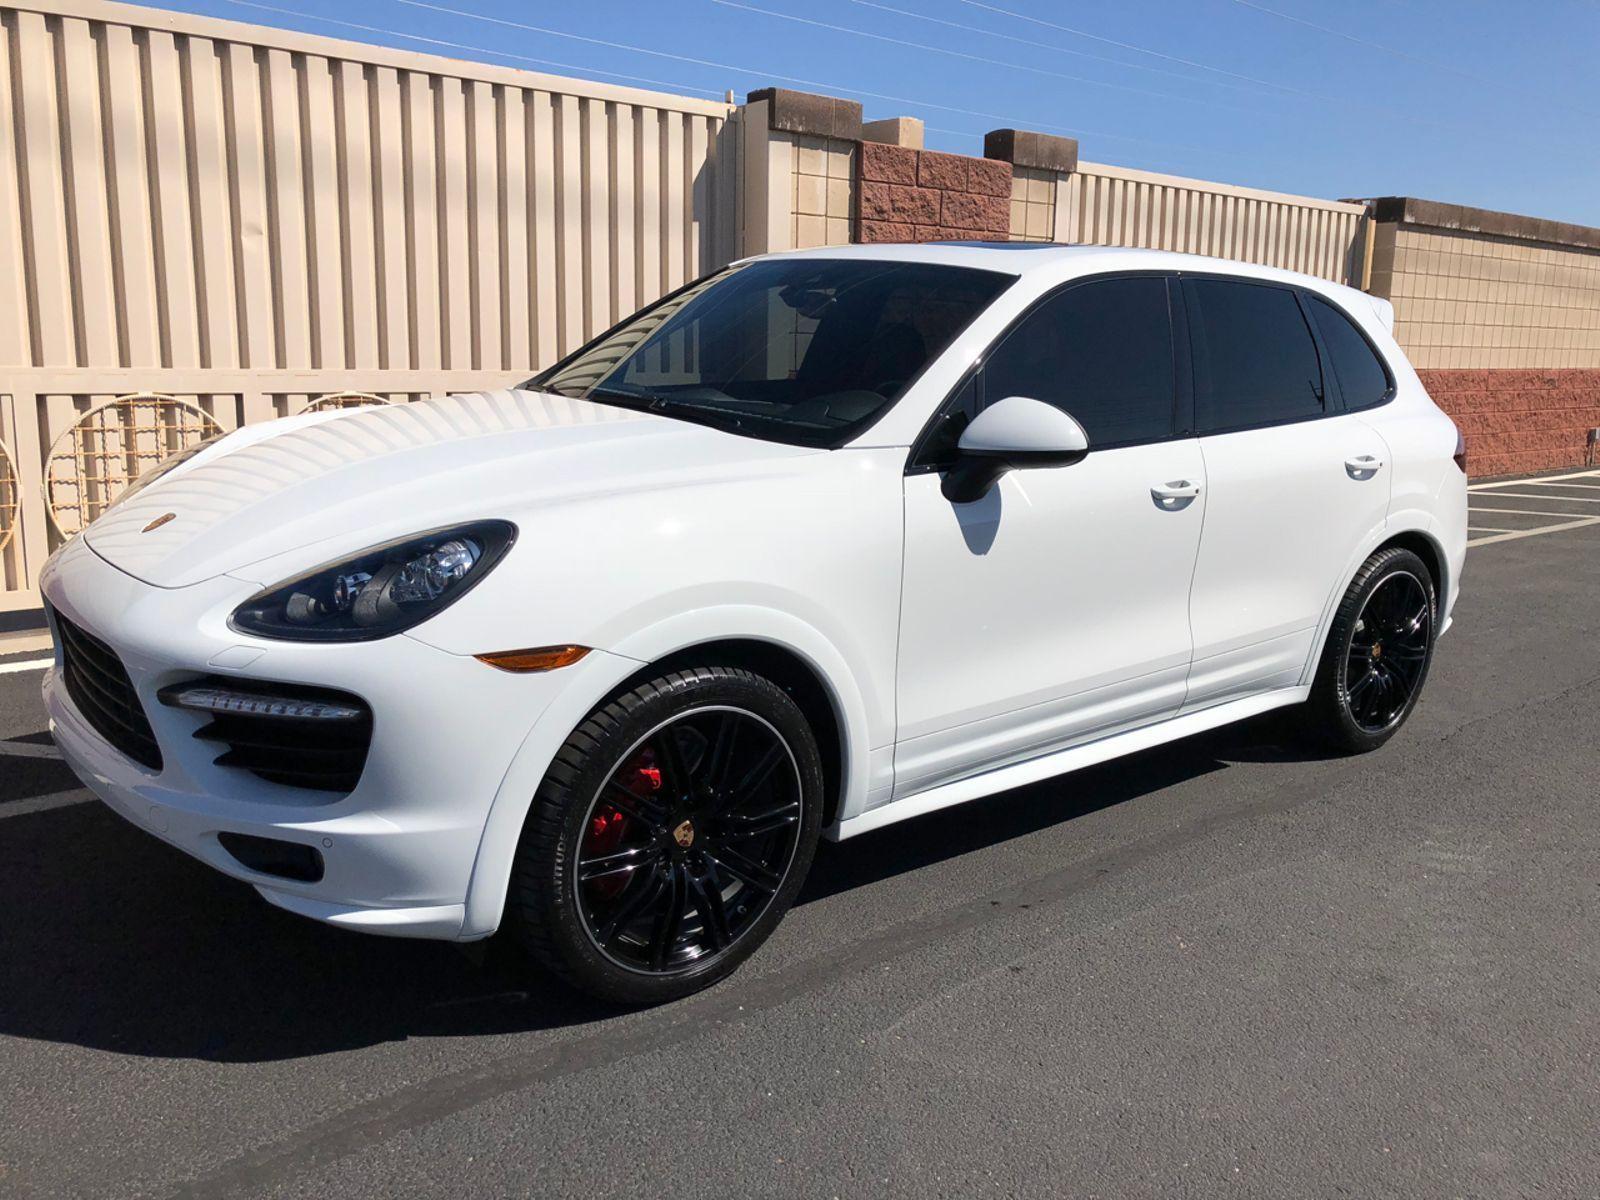 2014 Porsche Cayenne Gts Cayenne Gts 2013 2014 2015 2016 2017 White Carmine Red Black One Owner 2017 2018 Porsche Cayenne Gts Cayenne Gts Black Porsche